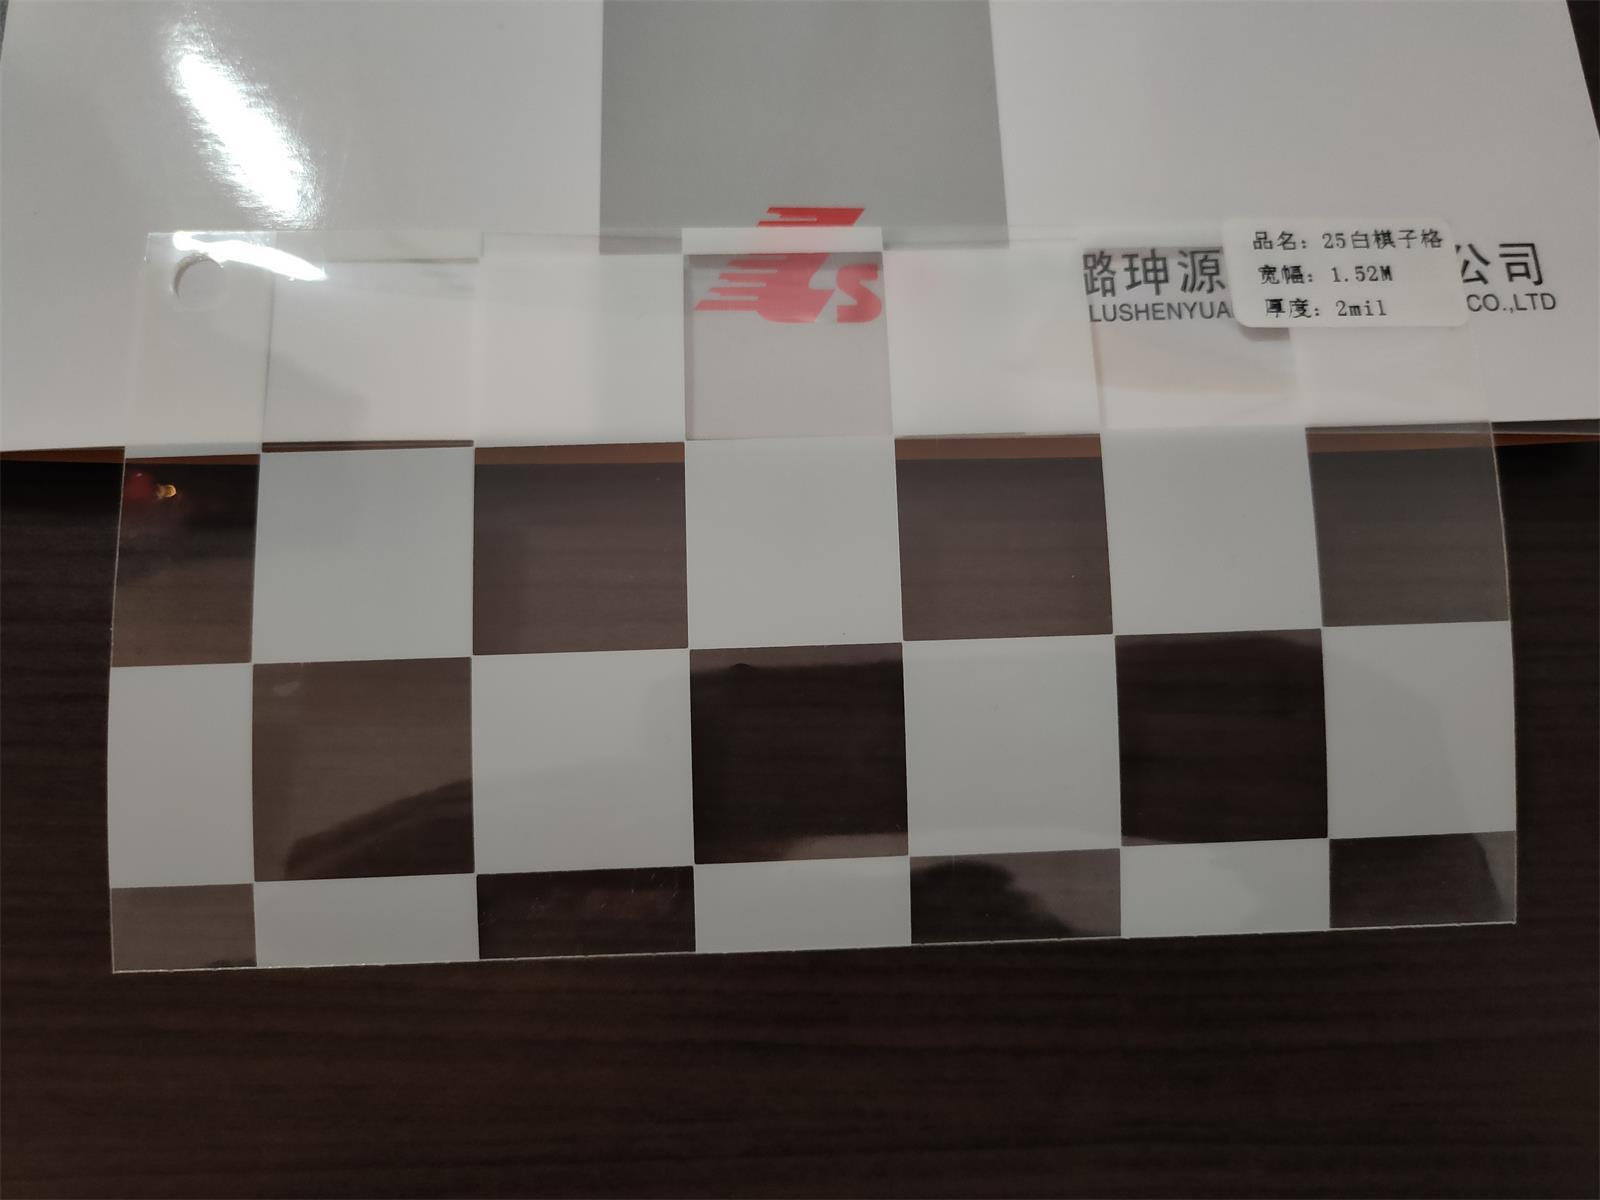 25白棋子格